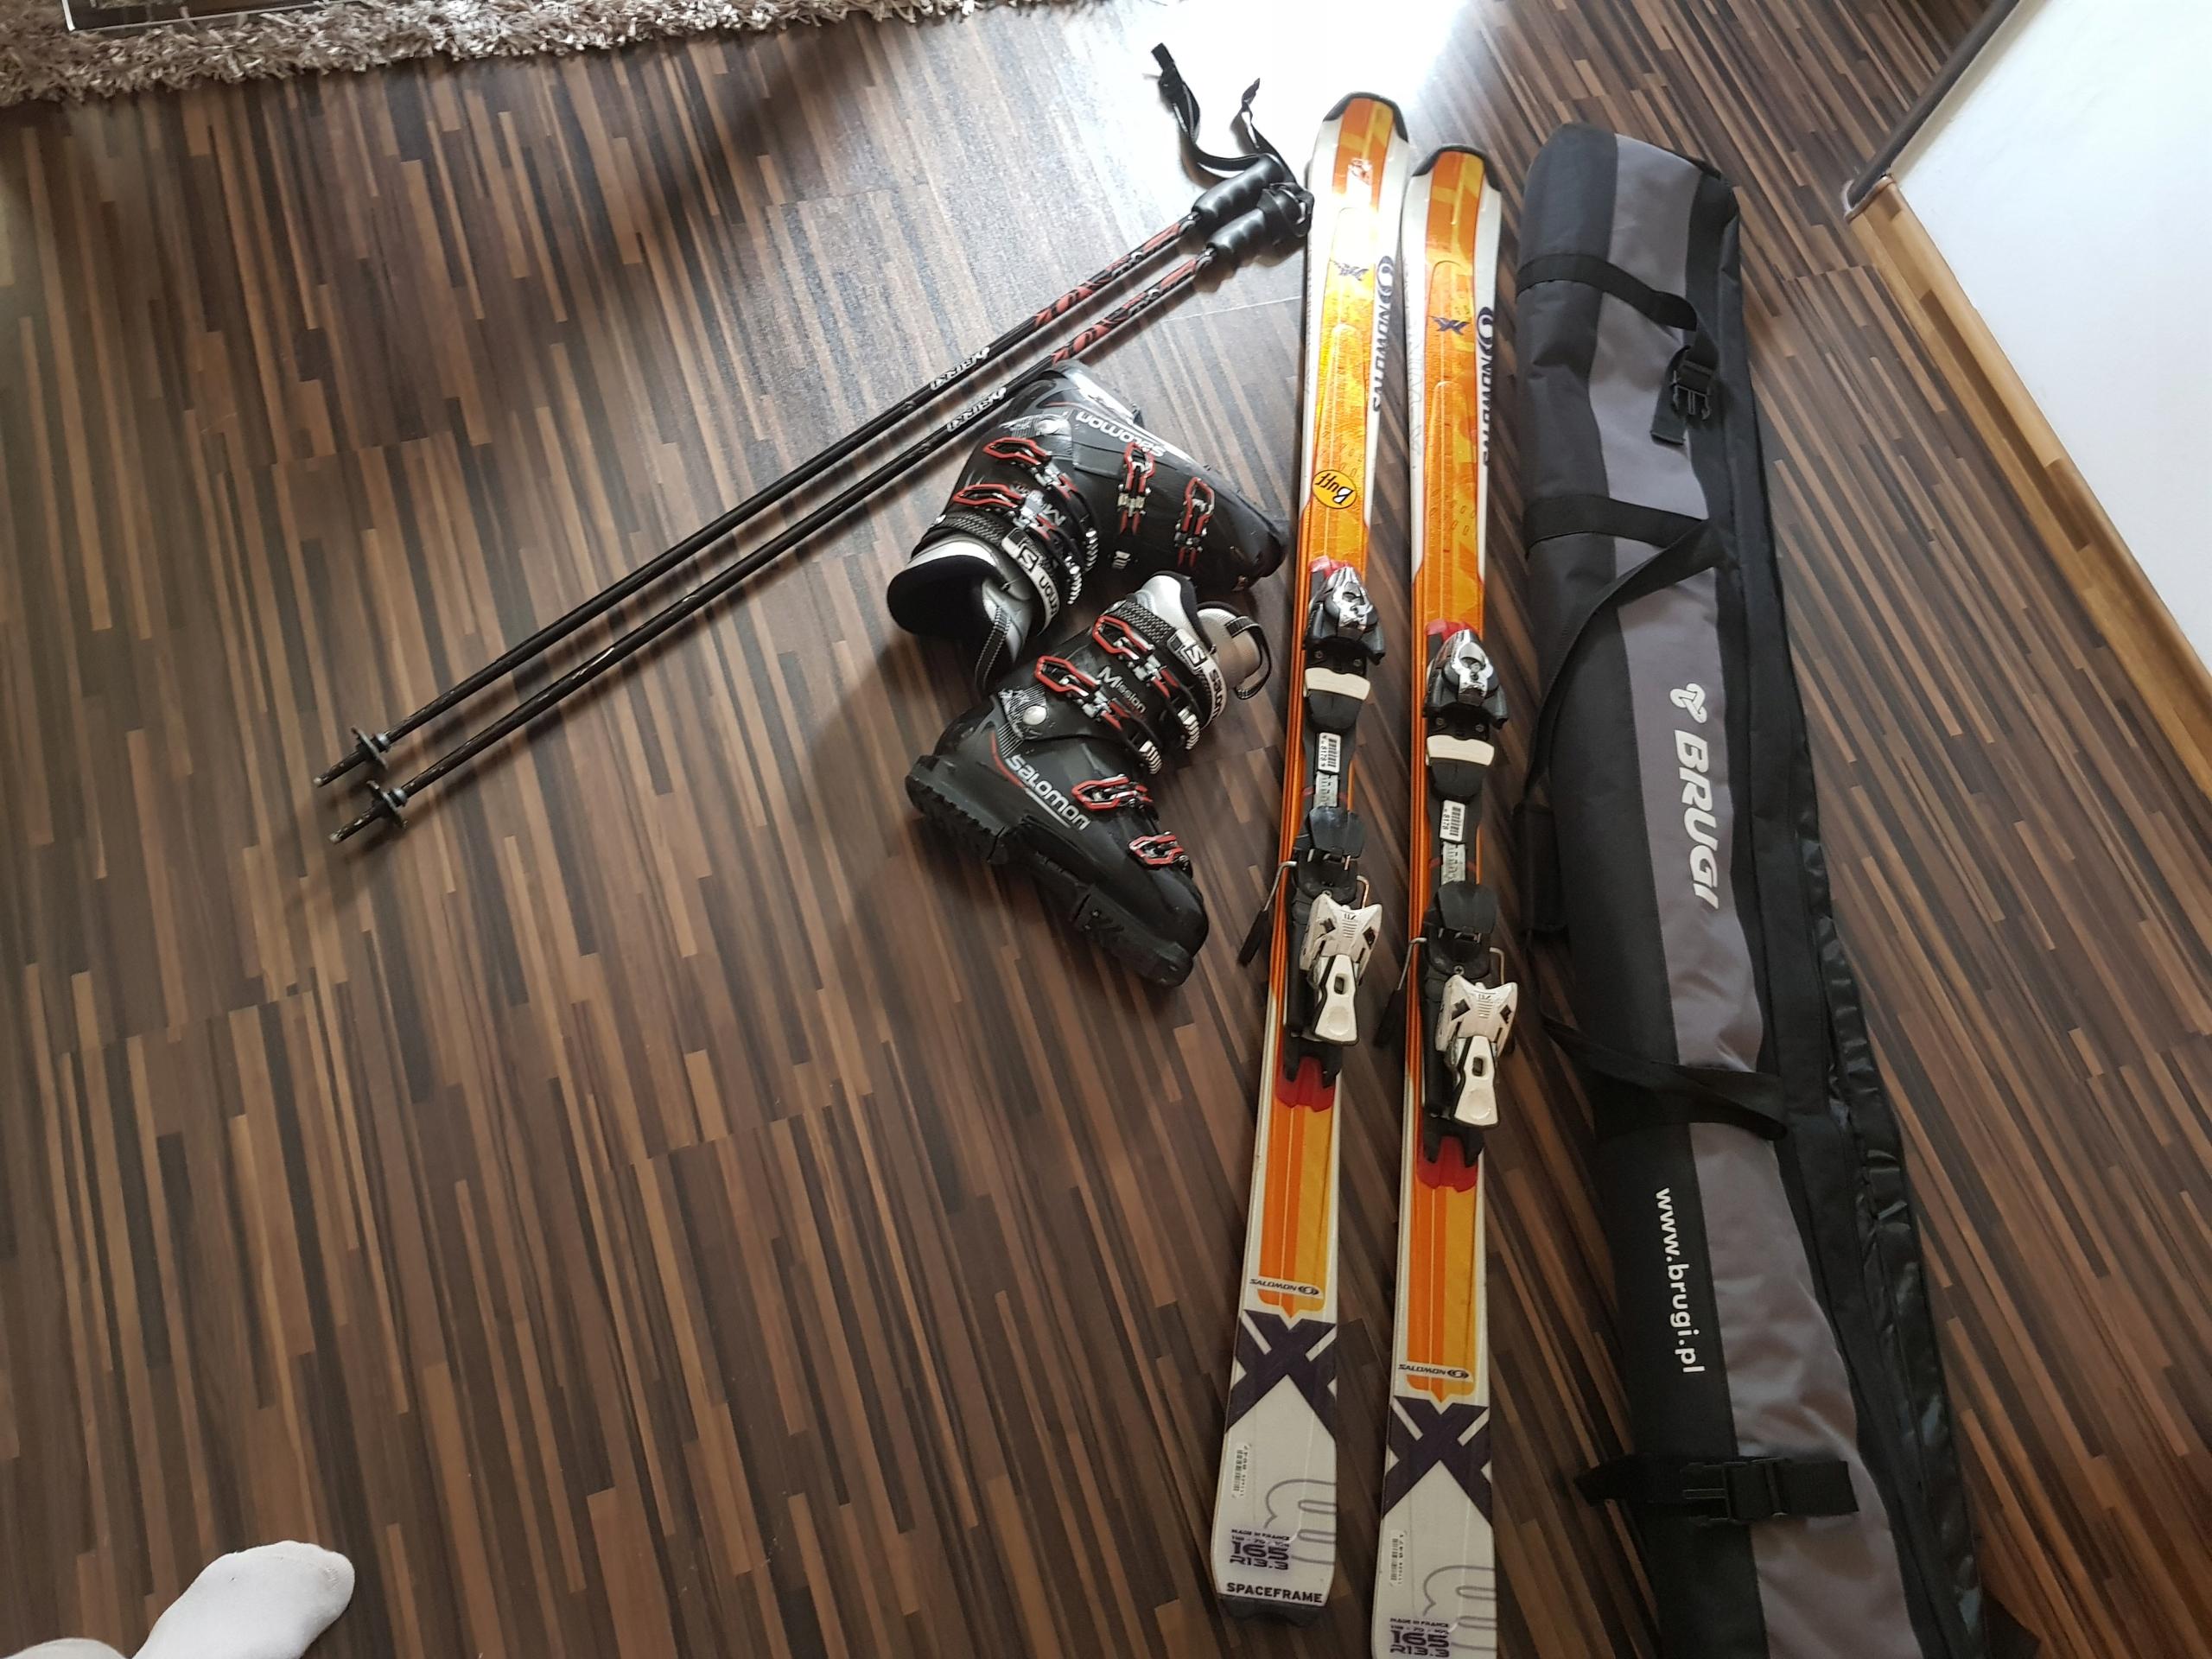 Sprzedam buty narciarskie 27 i narty 165 salomon